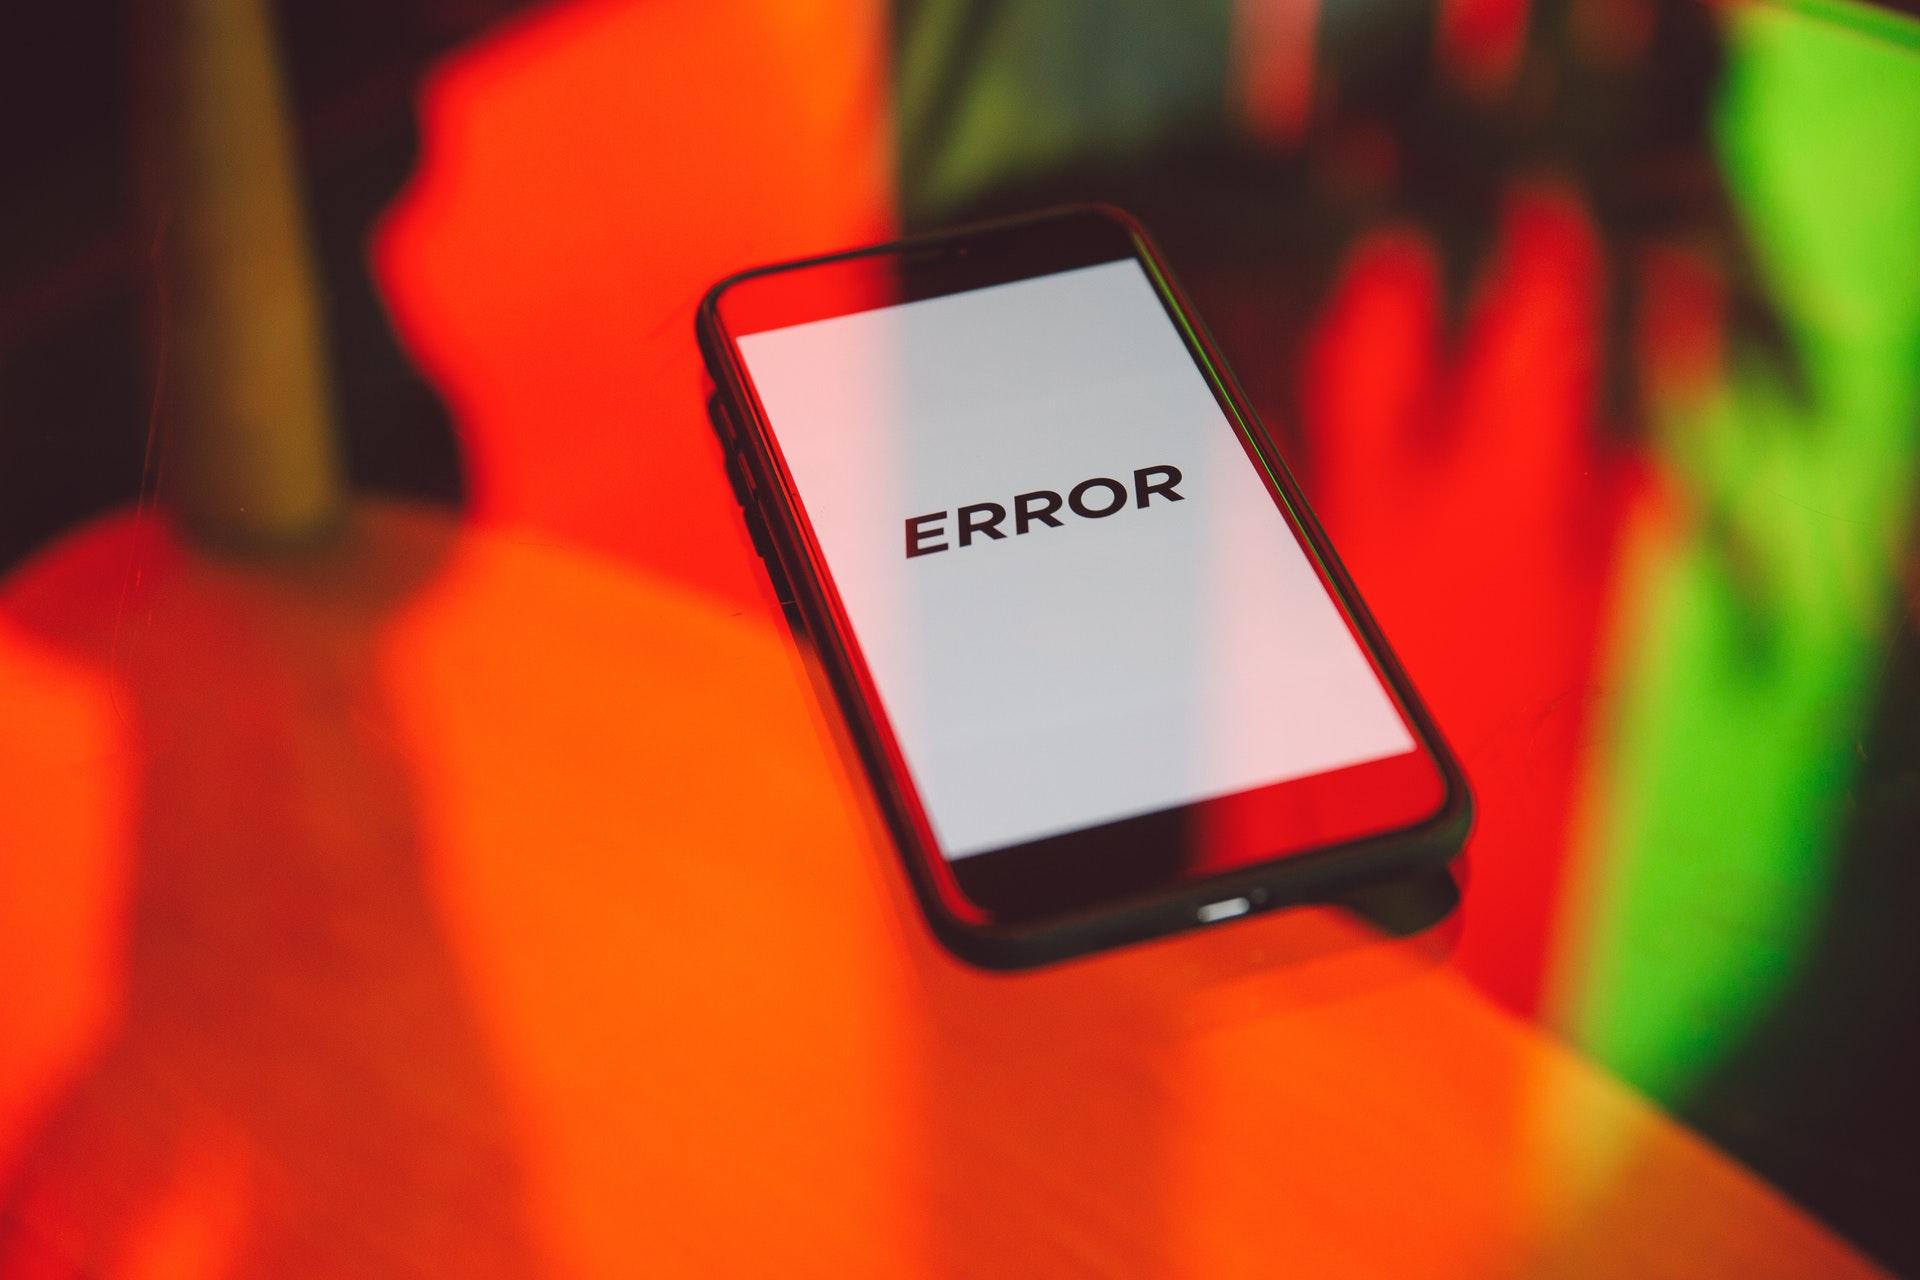 Advertencia de error en teléfono